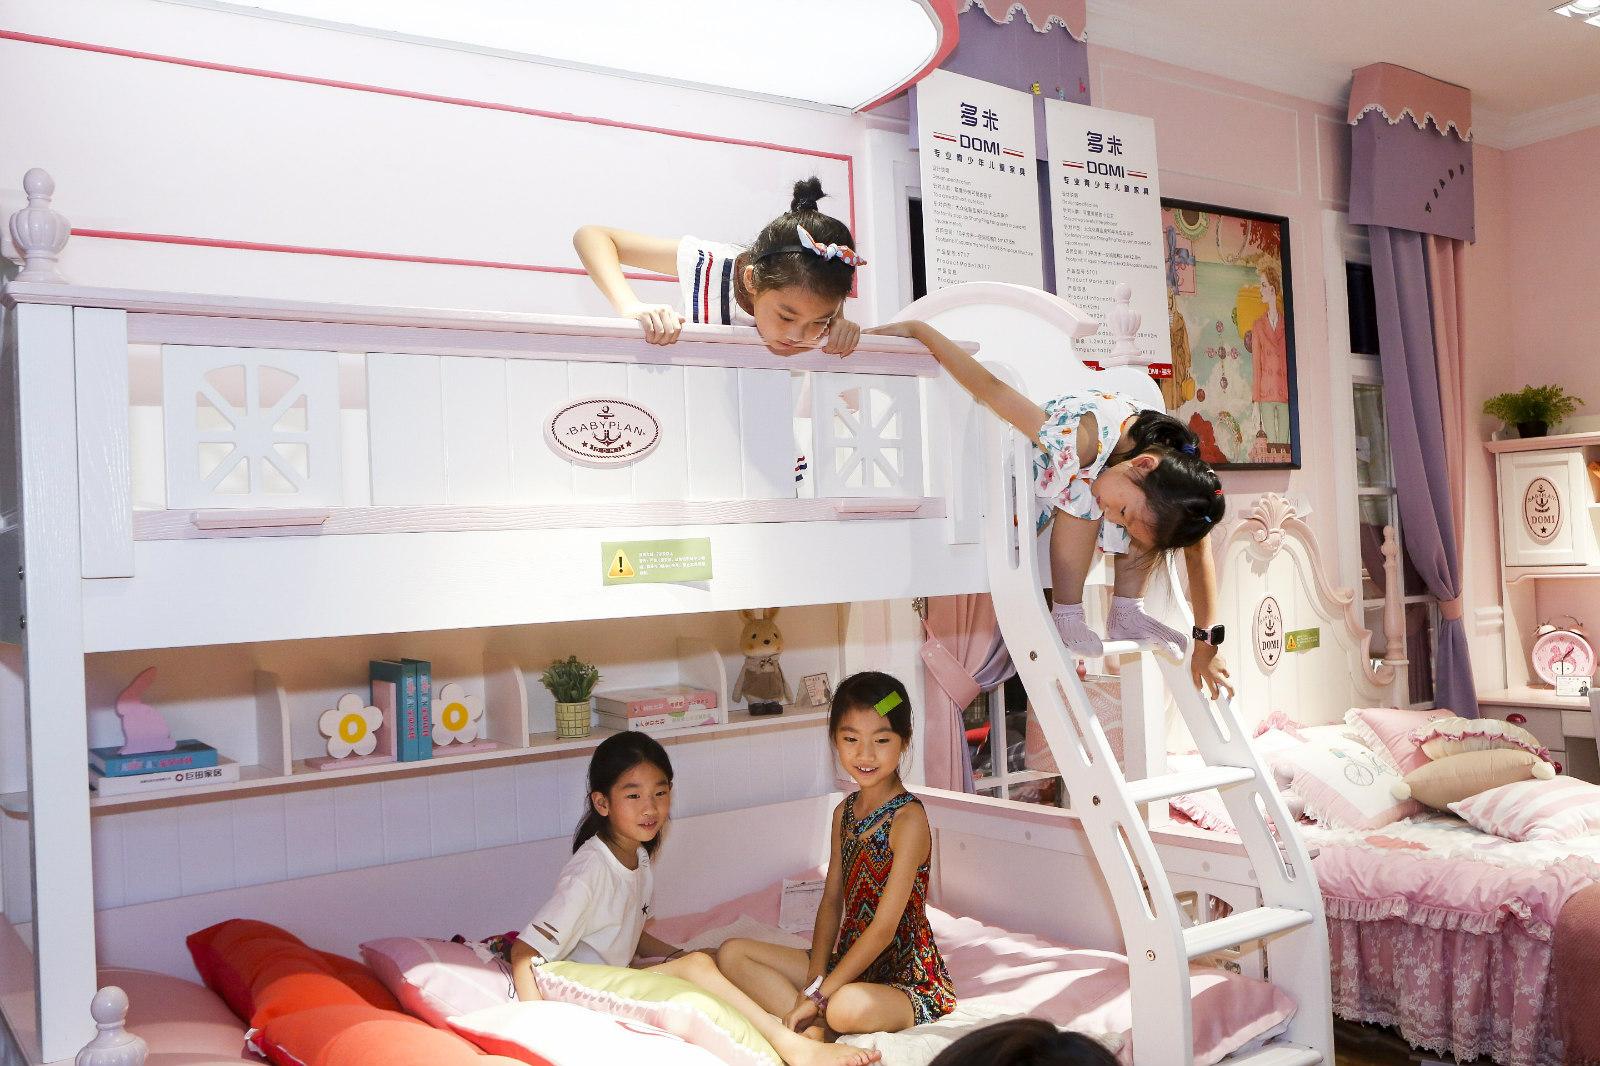 淘宝一年卖出150万张儿童高低床 !